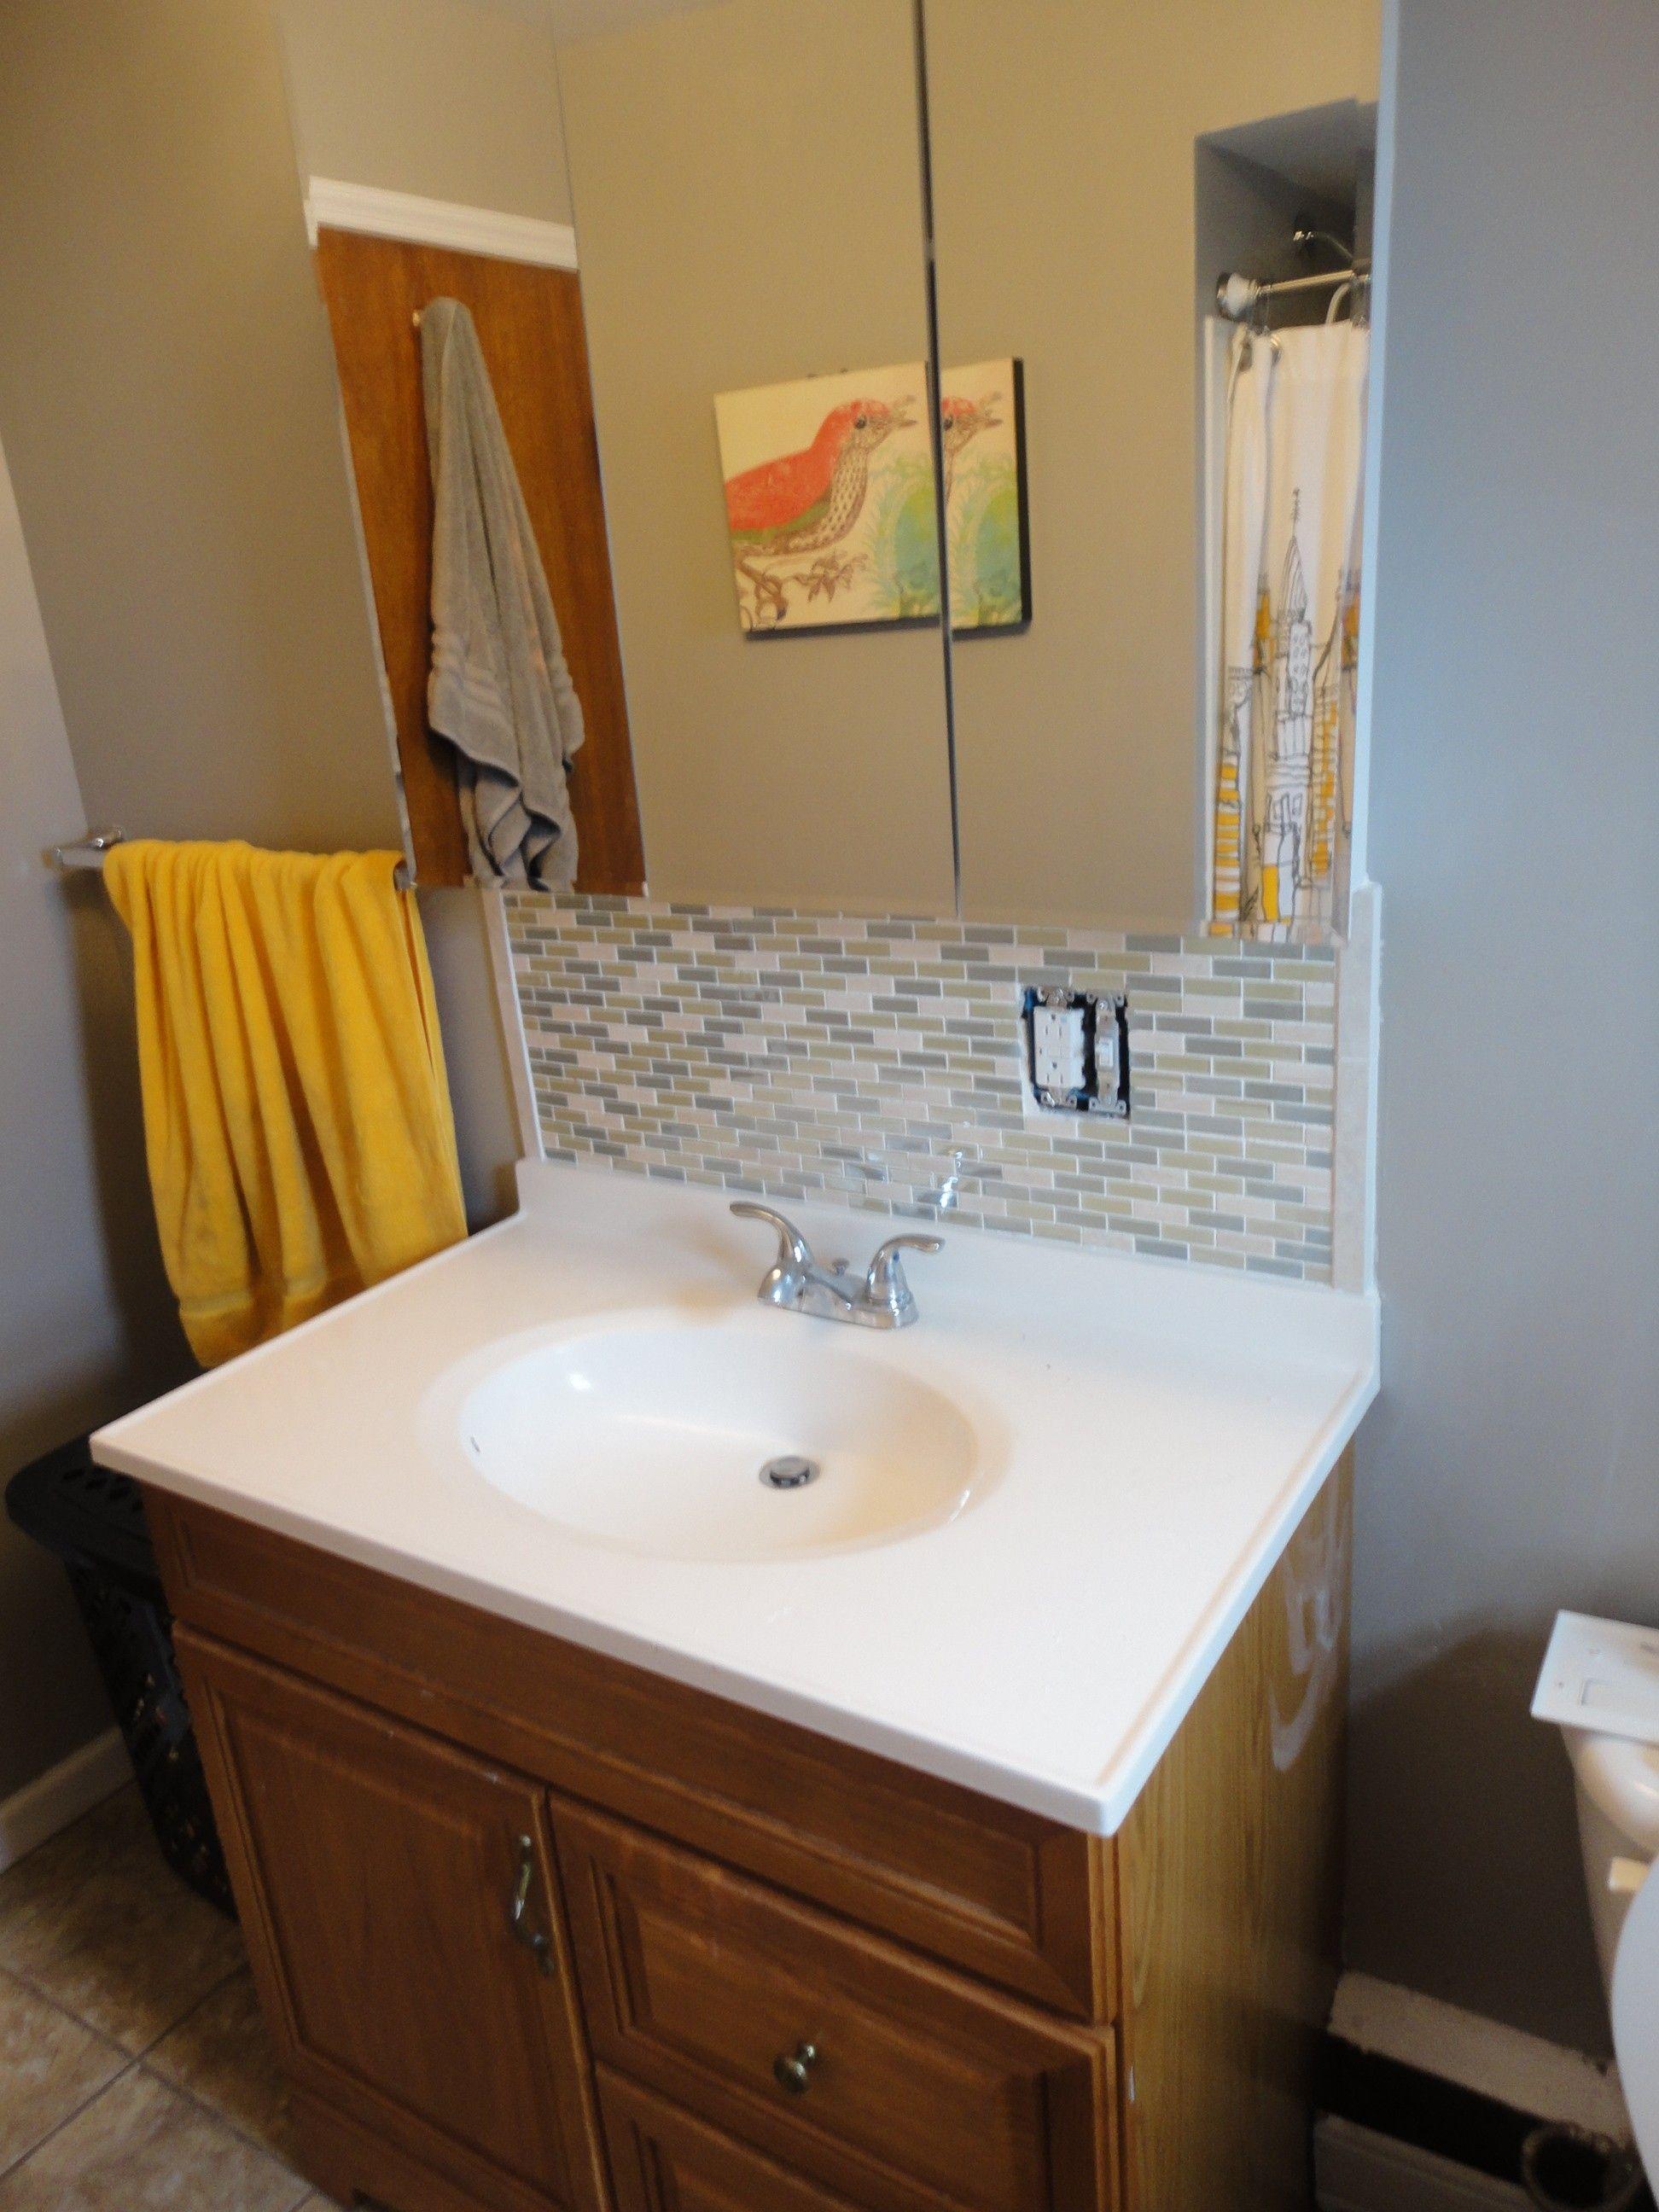 Latest Posts Under: Bathroom backsplash ideas